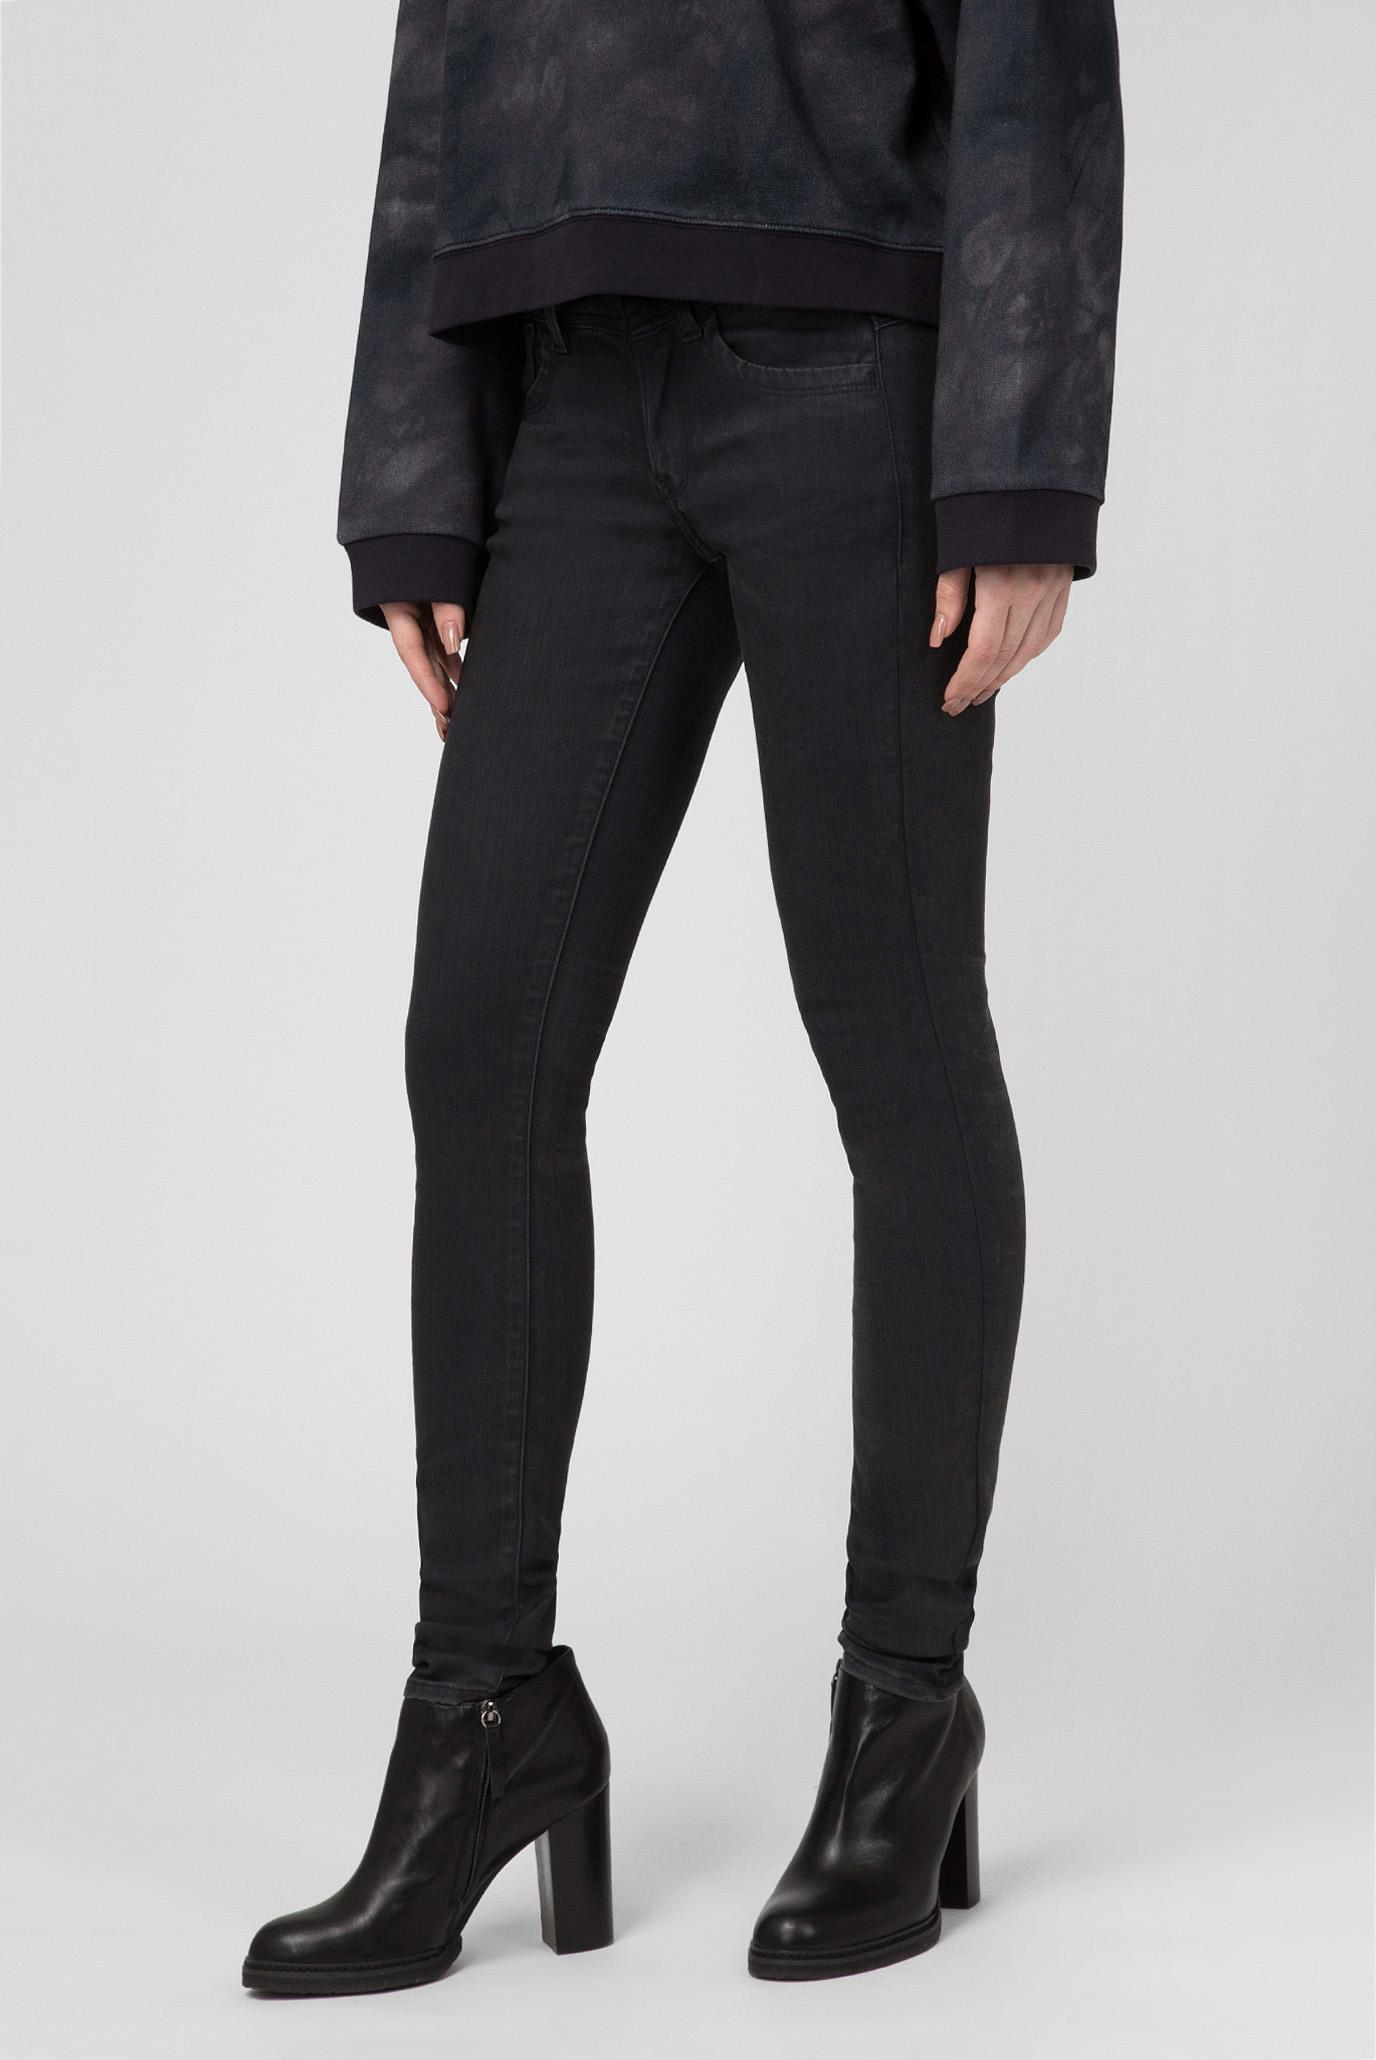 Купить Женские темно-серые джинсы Lynn d G-Star RAW G-Star RAW D06333,9142 – Киев, Украина. Цены в интернет магазине MD Fashion